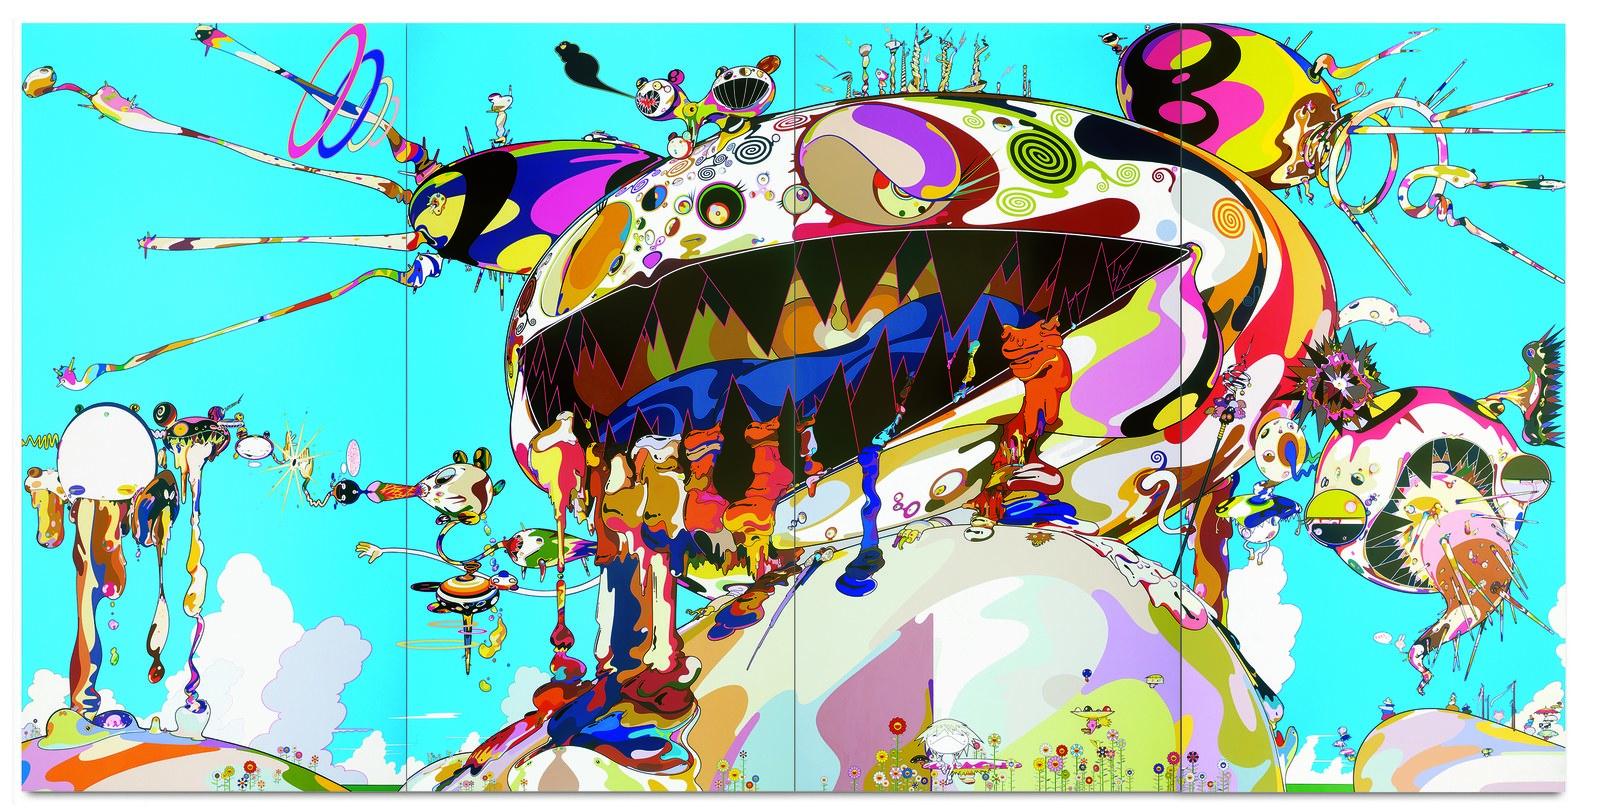 Takashi Murakami in the gallery